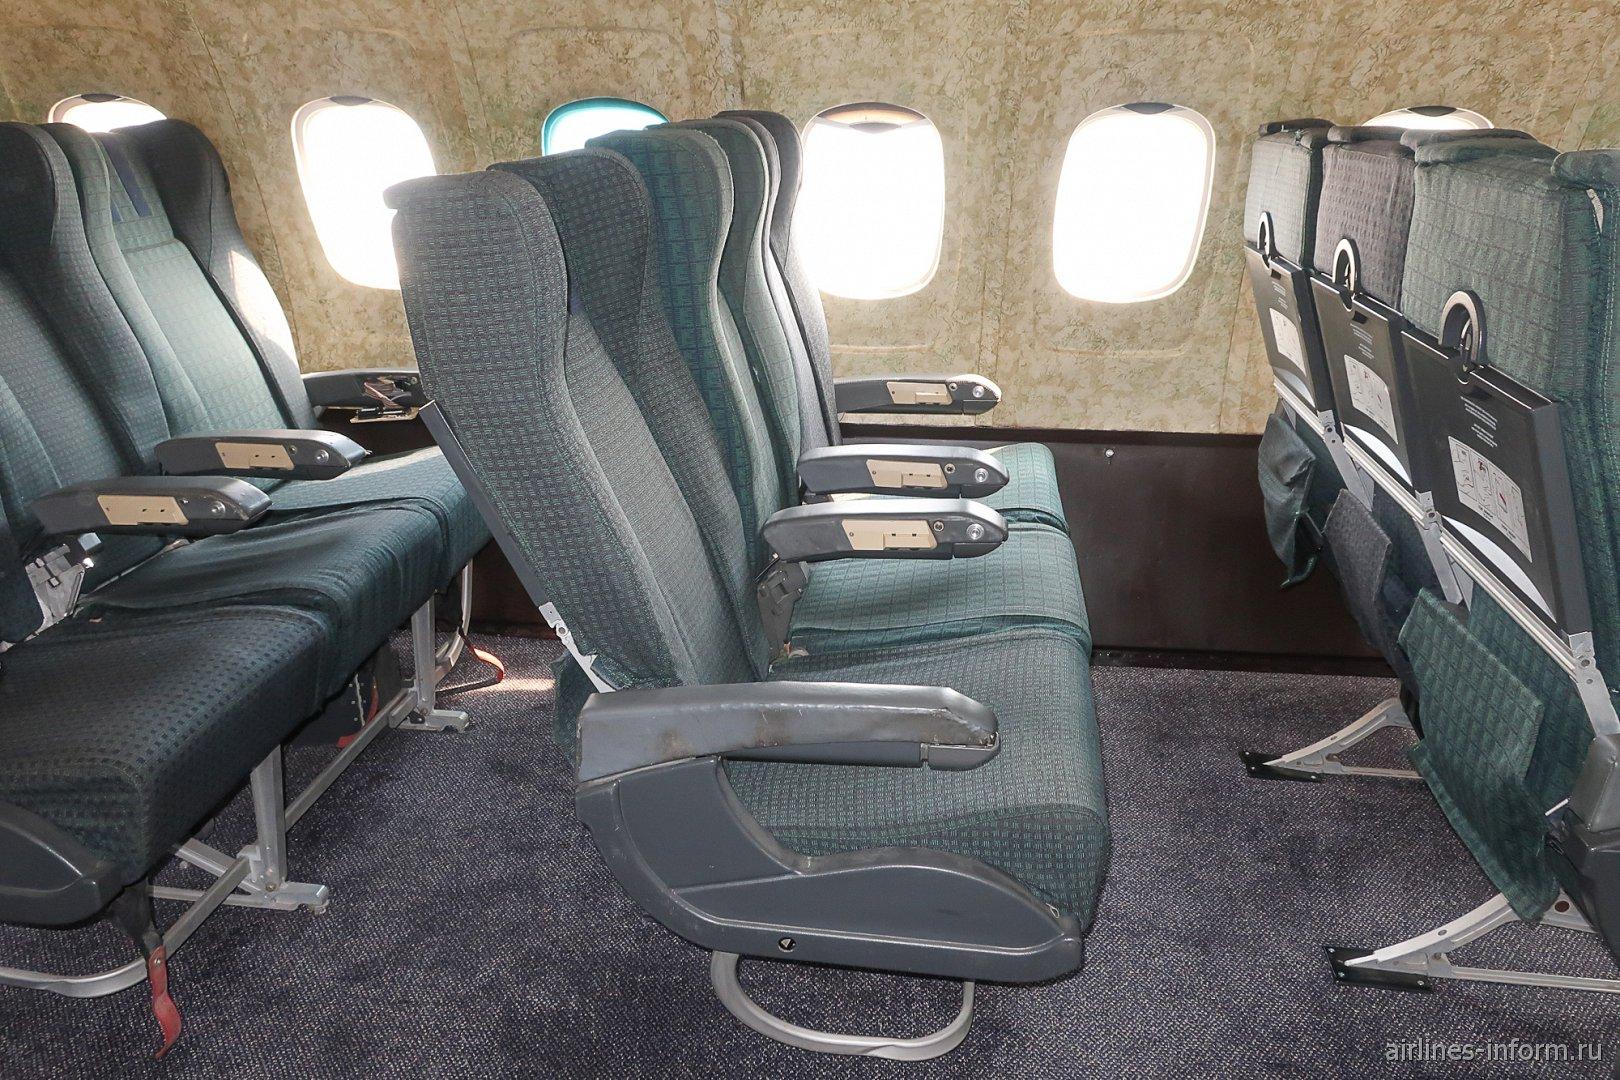 """Пассажирские кресла в самолете Ту-154Б-2 болгарской авиакомпании """"Балкан"""""""